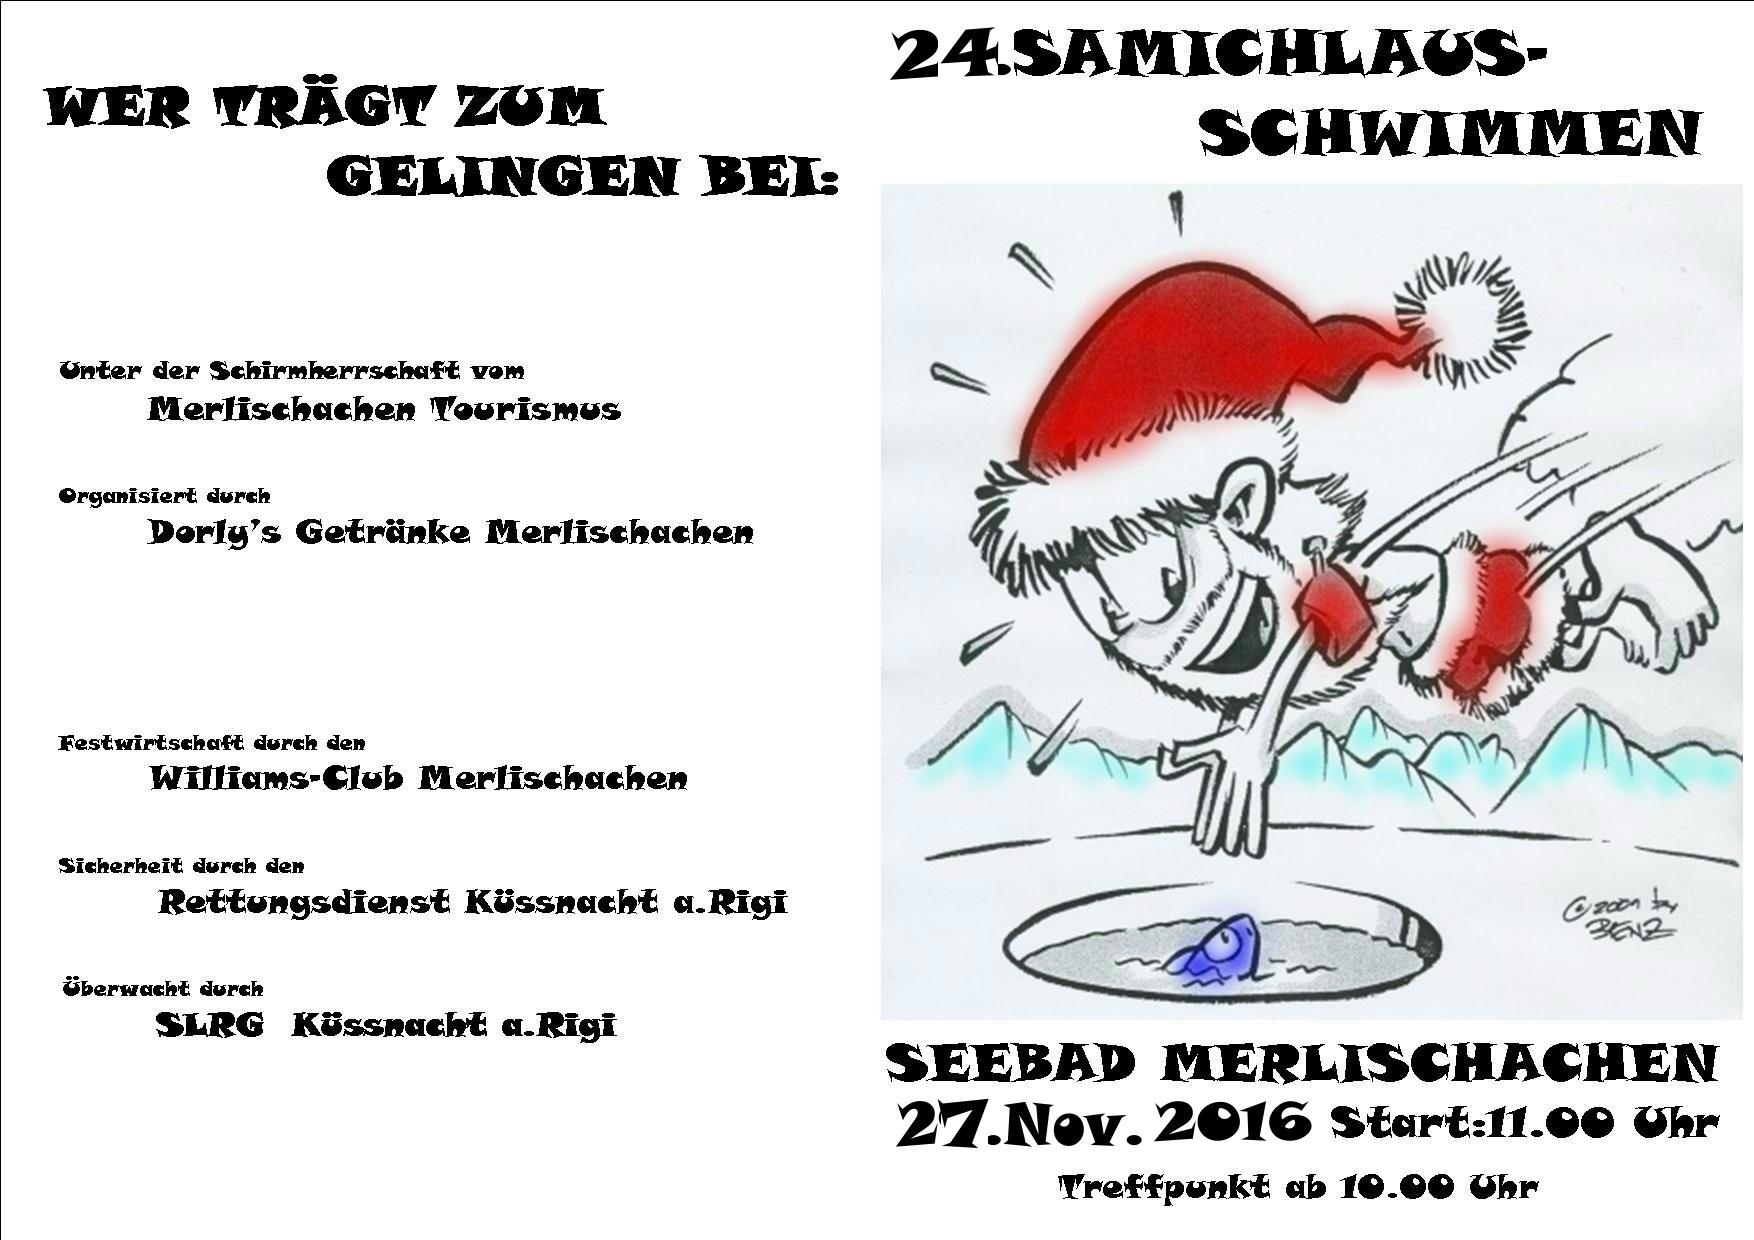 samichlaus-schwimmen2016-v